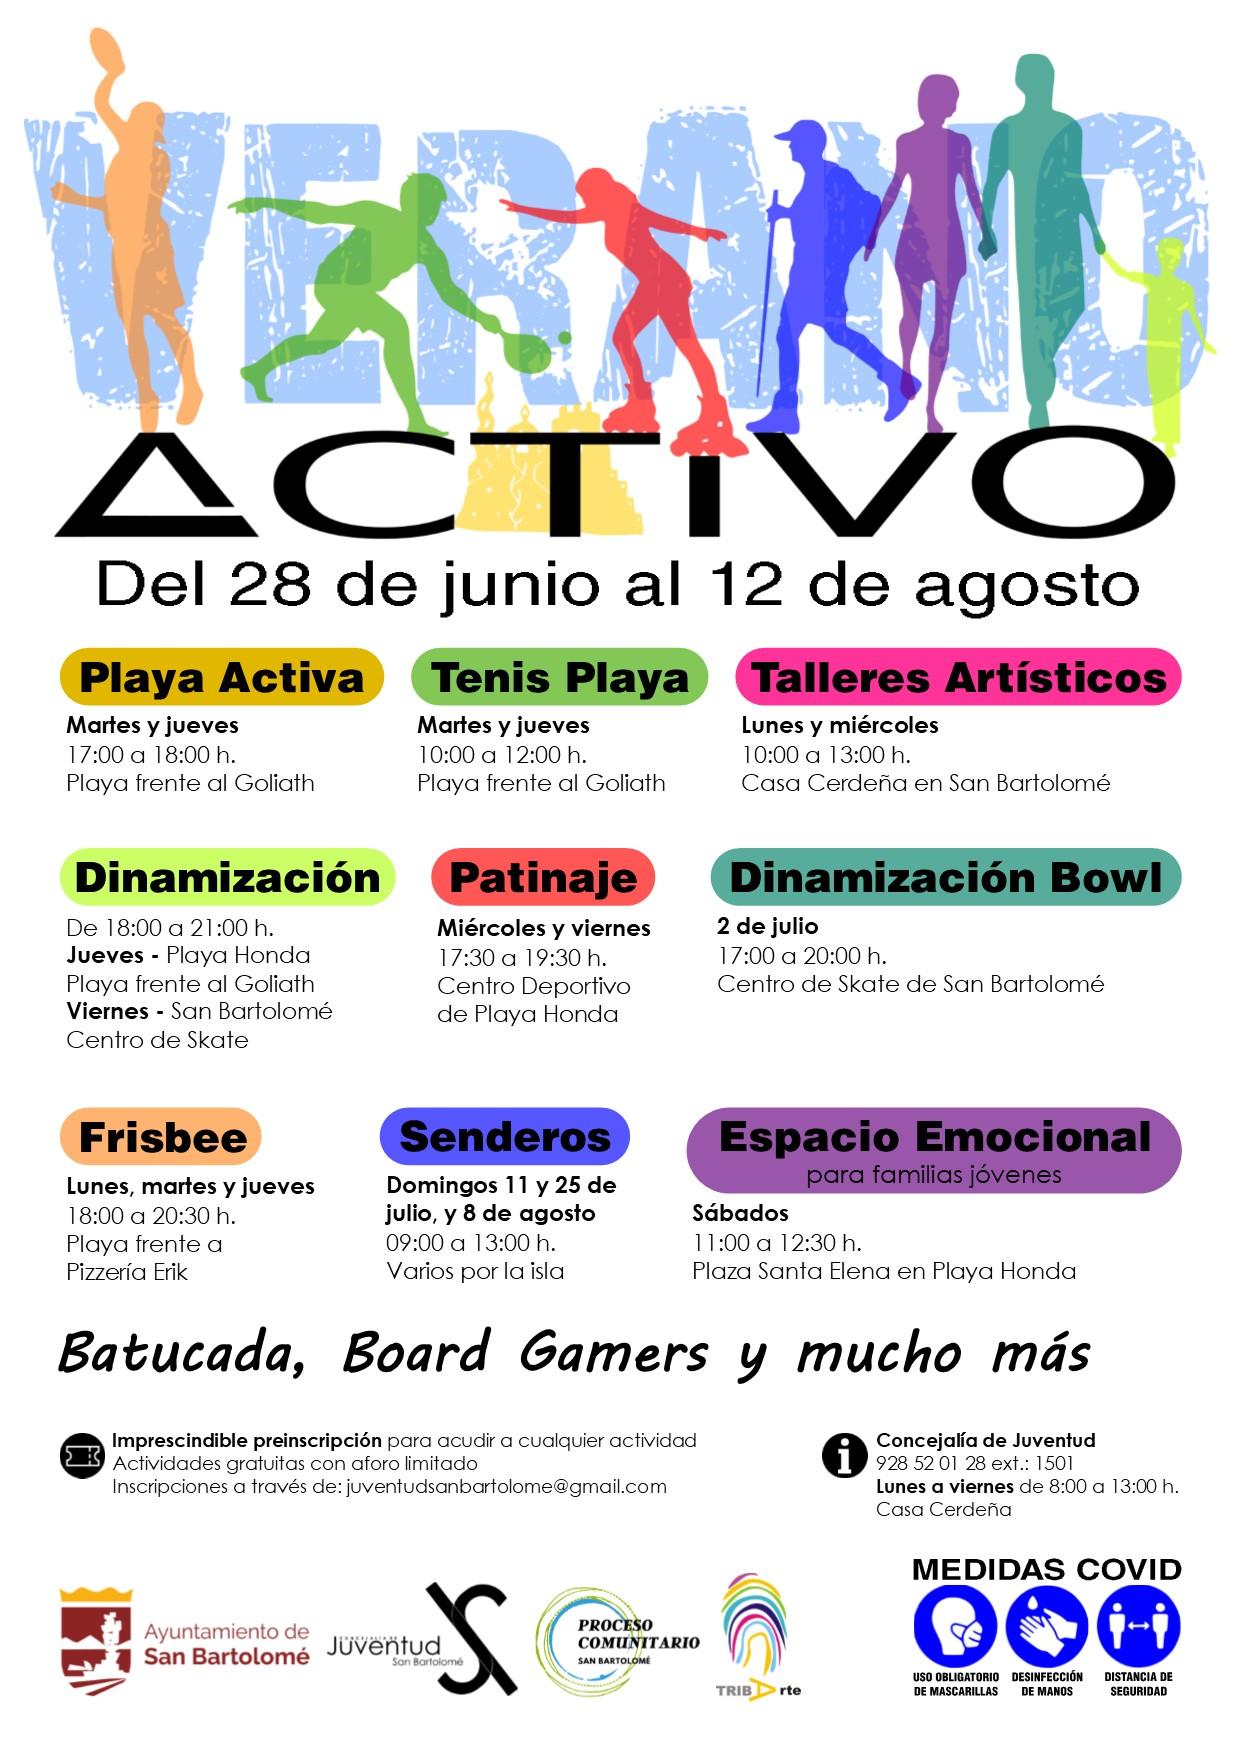 San Bartolomé presenta una amplia programación de actividades de verano para la juventud del municipio